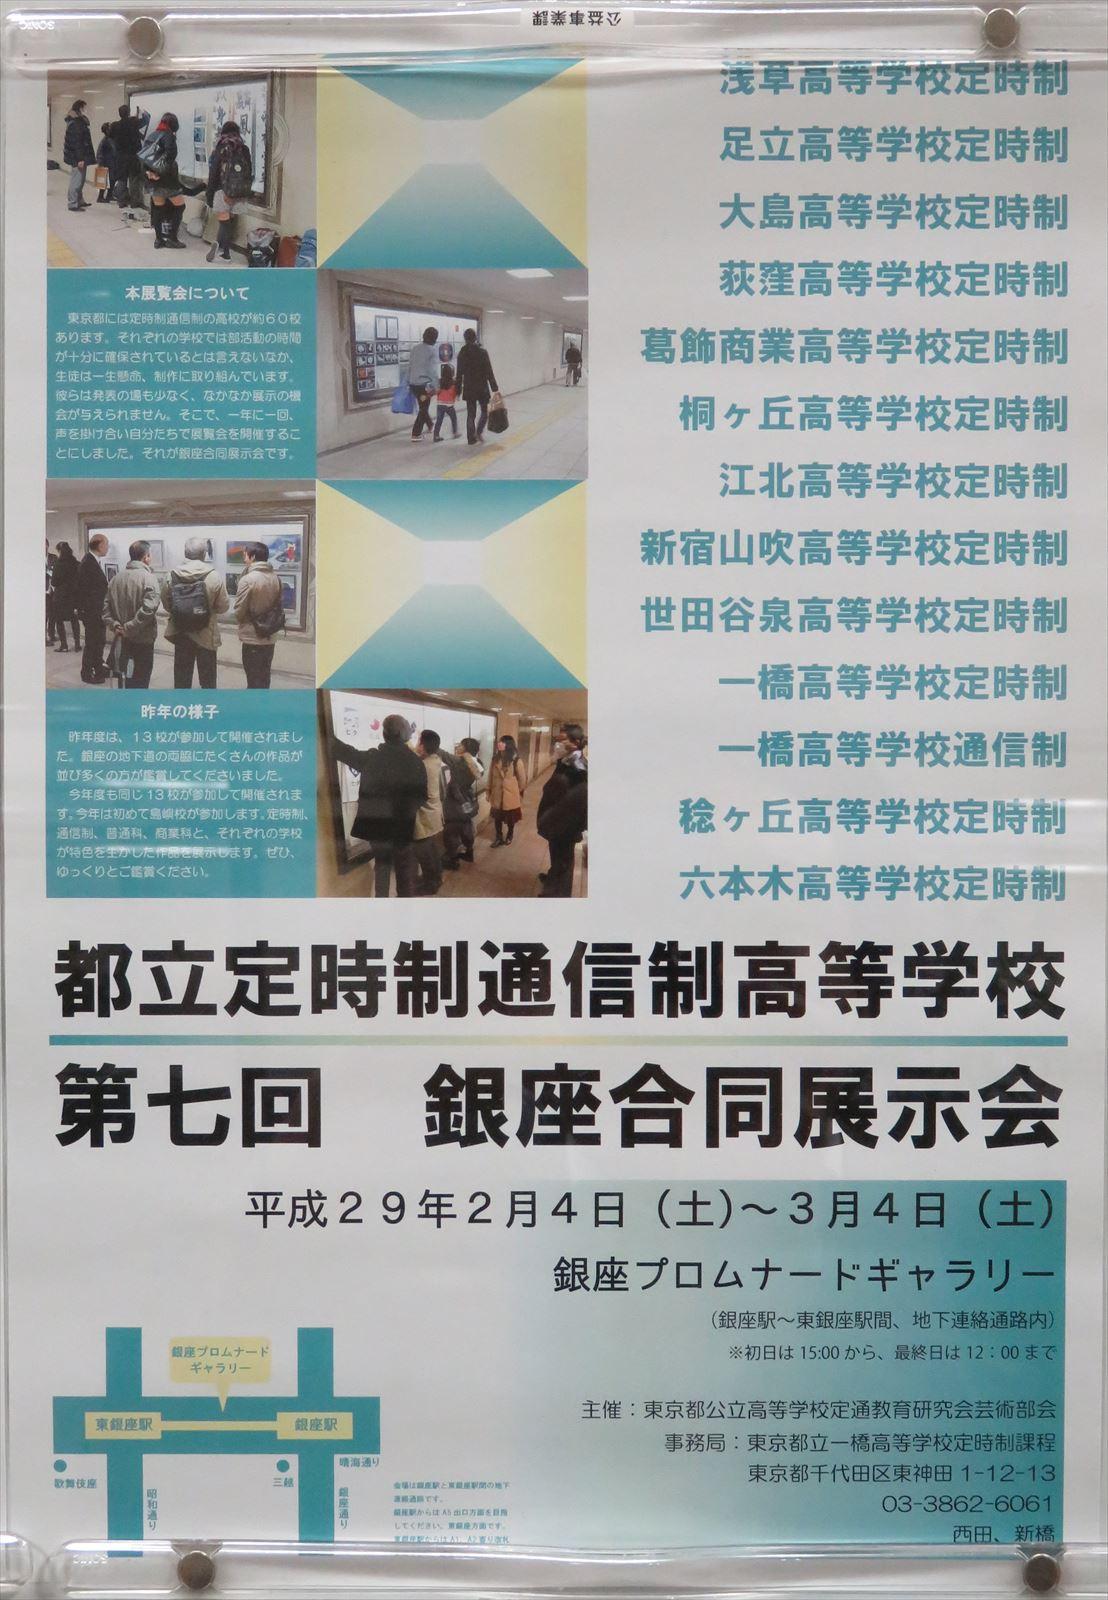 第7回_銀座合同展示会ポスター